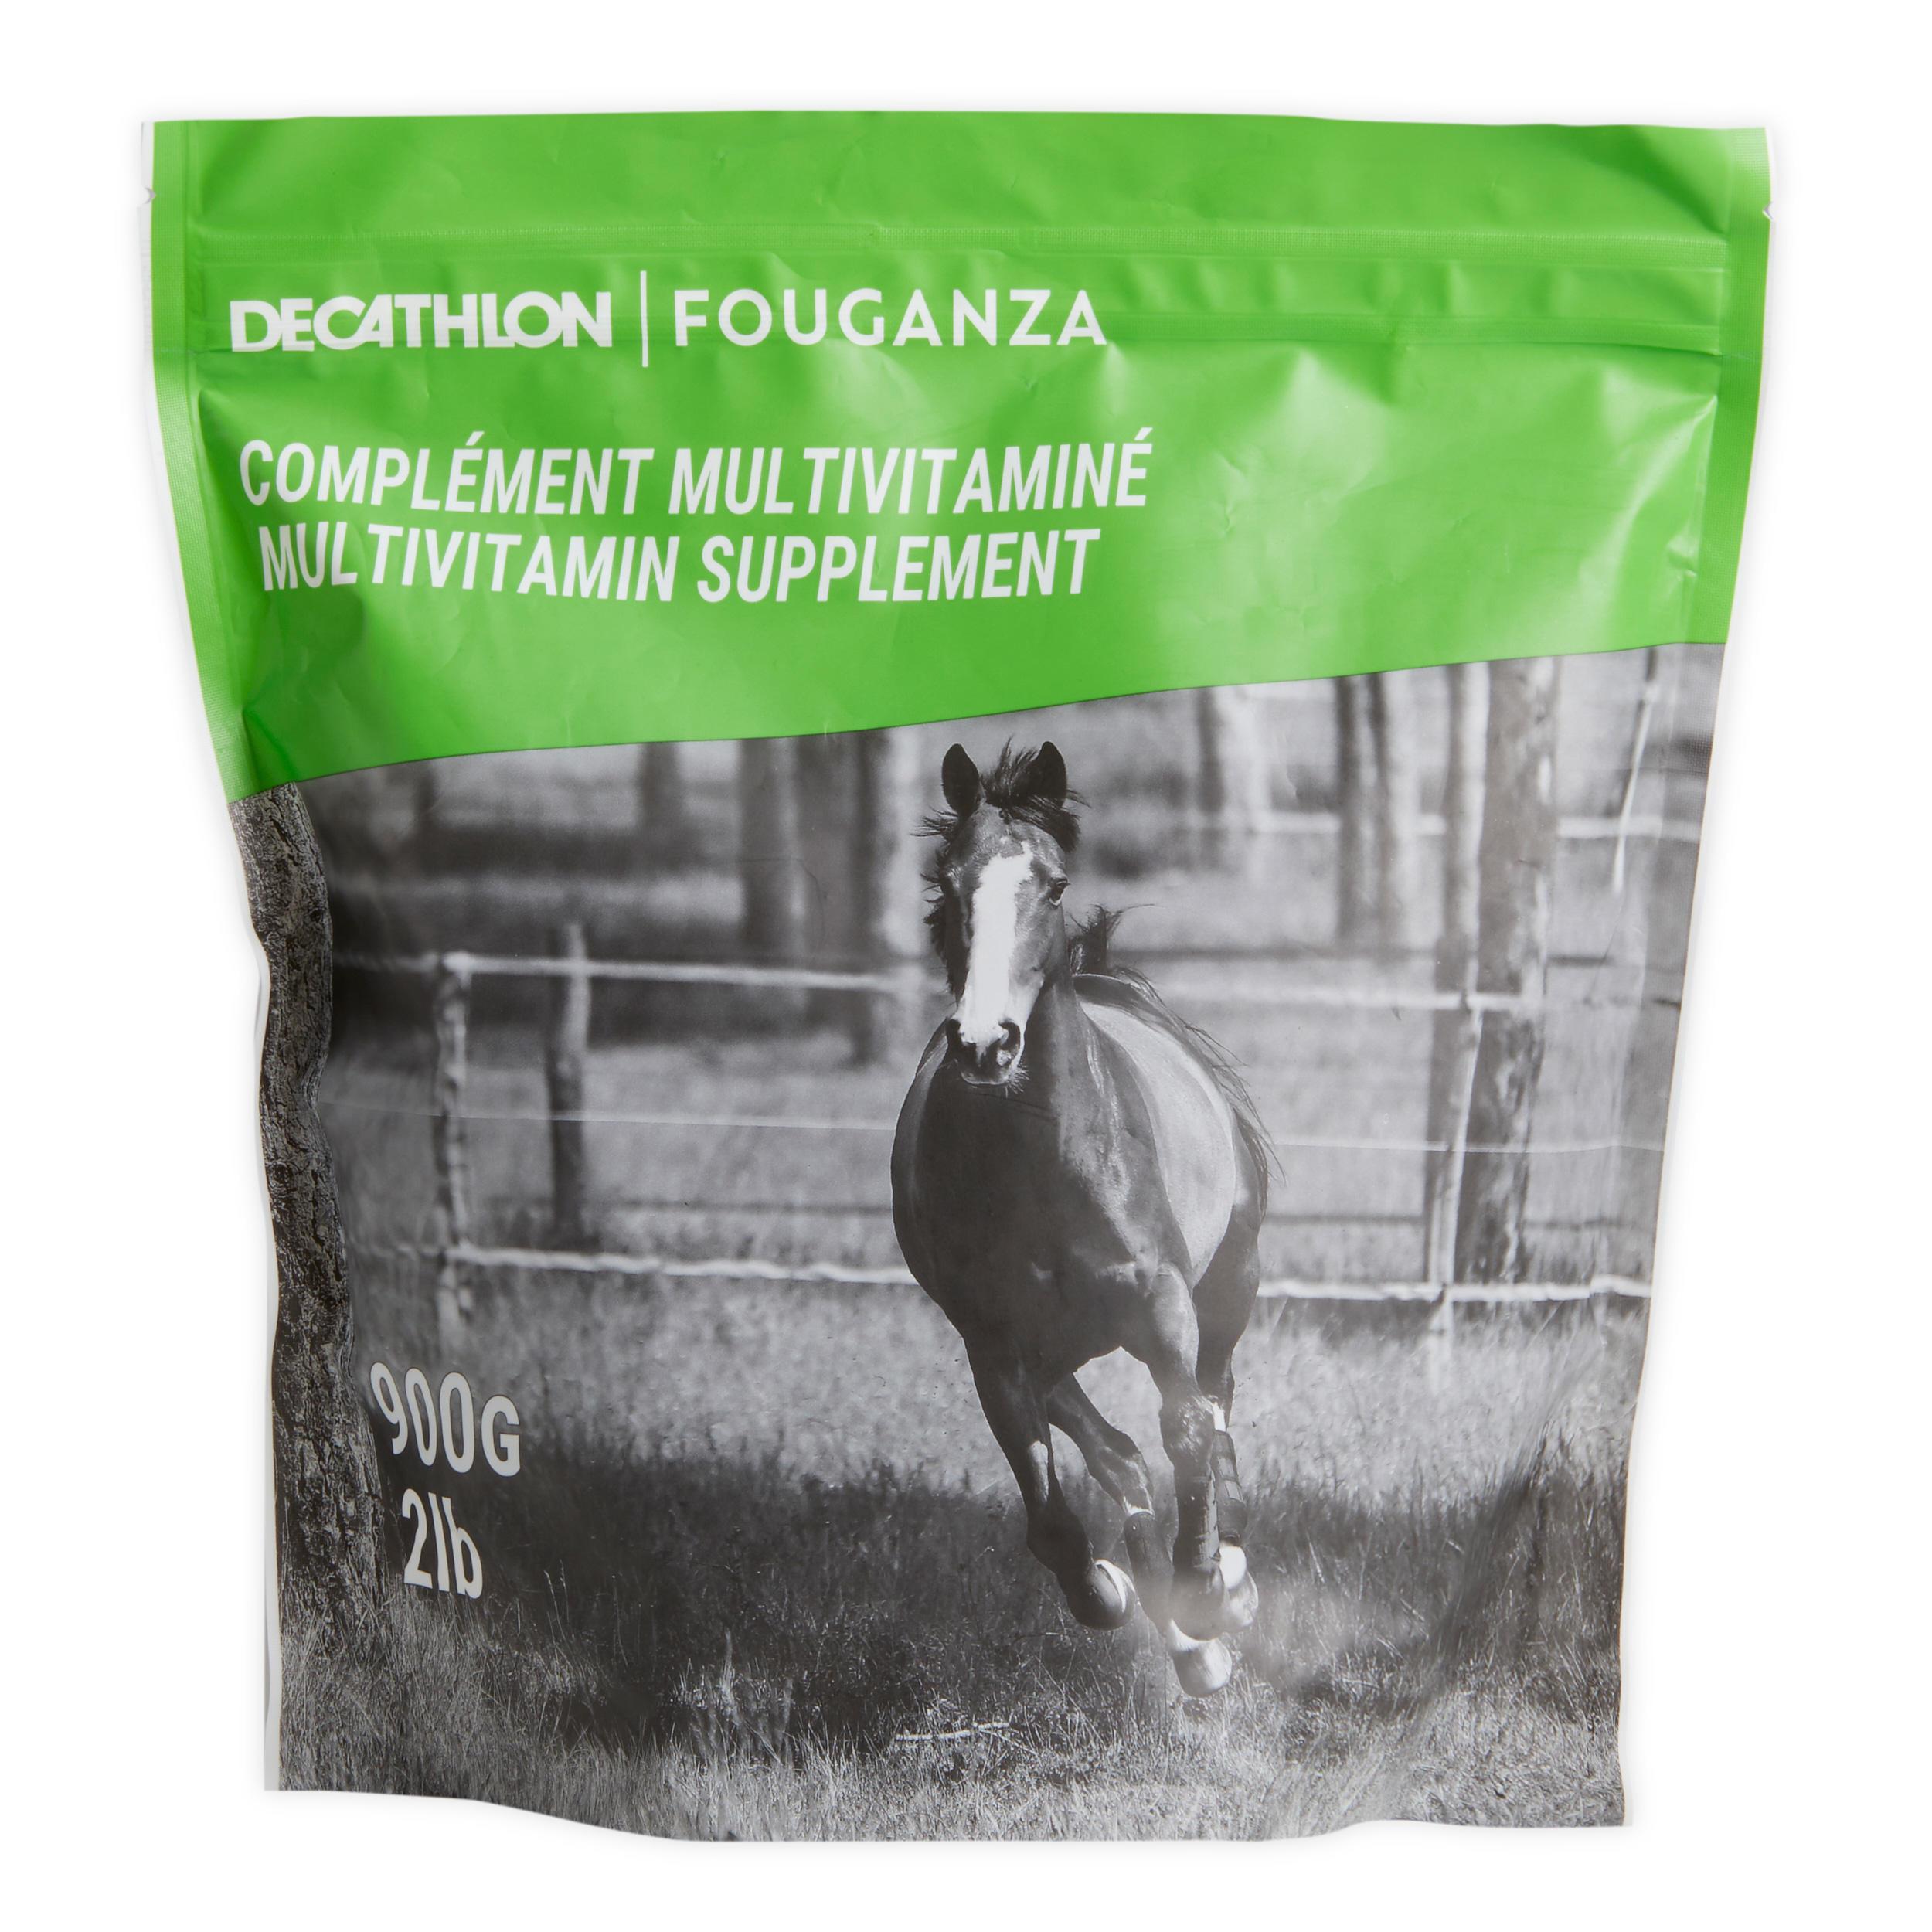 Supliment Multi Vitamine 900g de la FOUGANZA